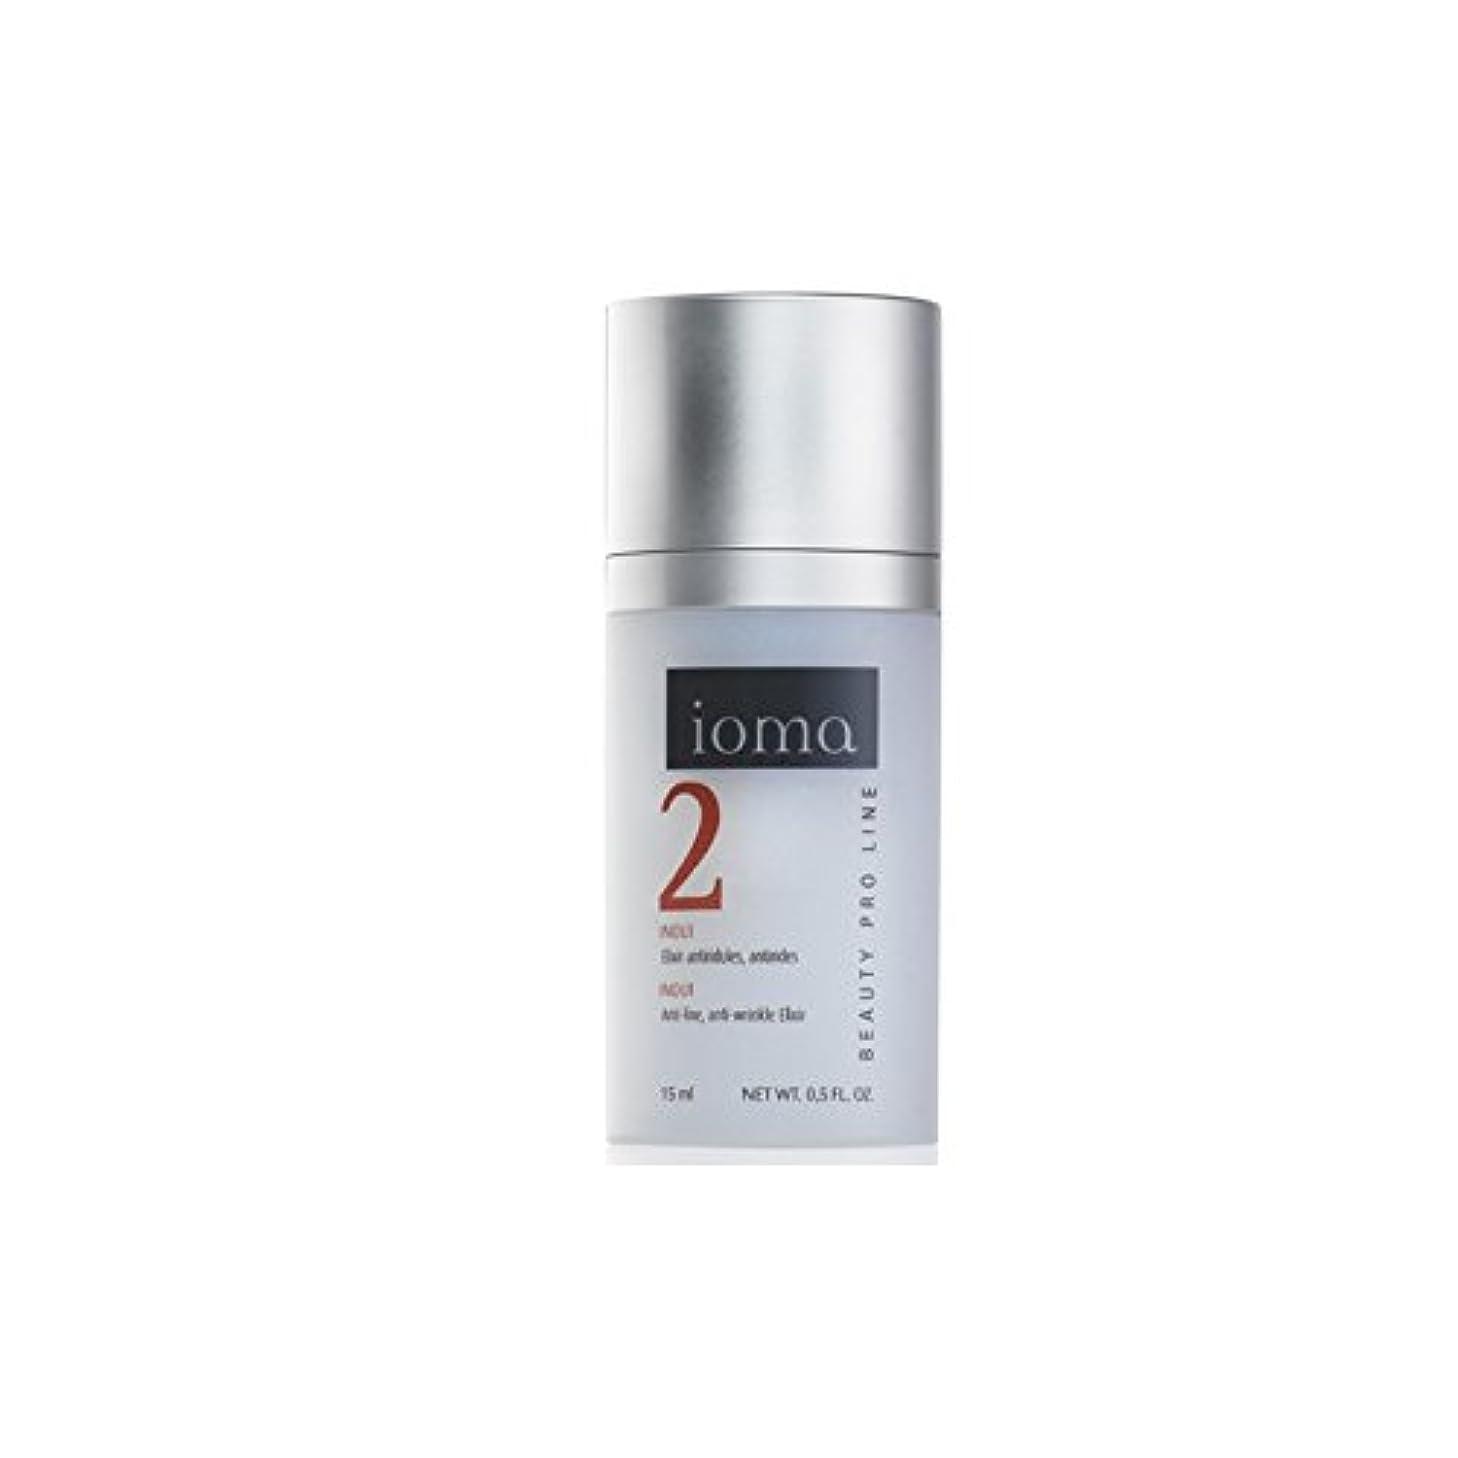 銀行空中ありふれたIoma Anti-Wrinkle Moisture Elixir 15ml (Pack of 6) - 抗しわ水分エリキシルの15ミリリットル x6 [並行輸入品]